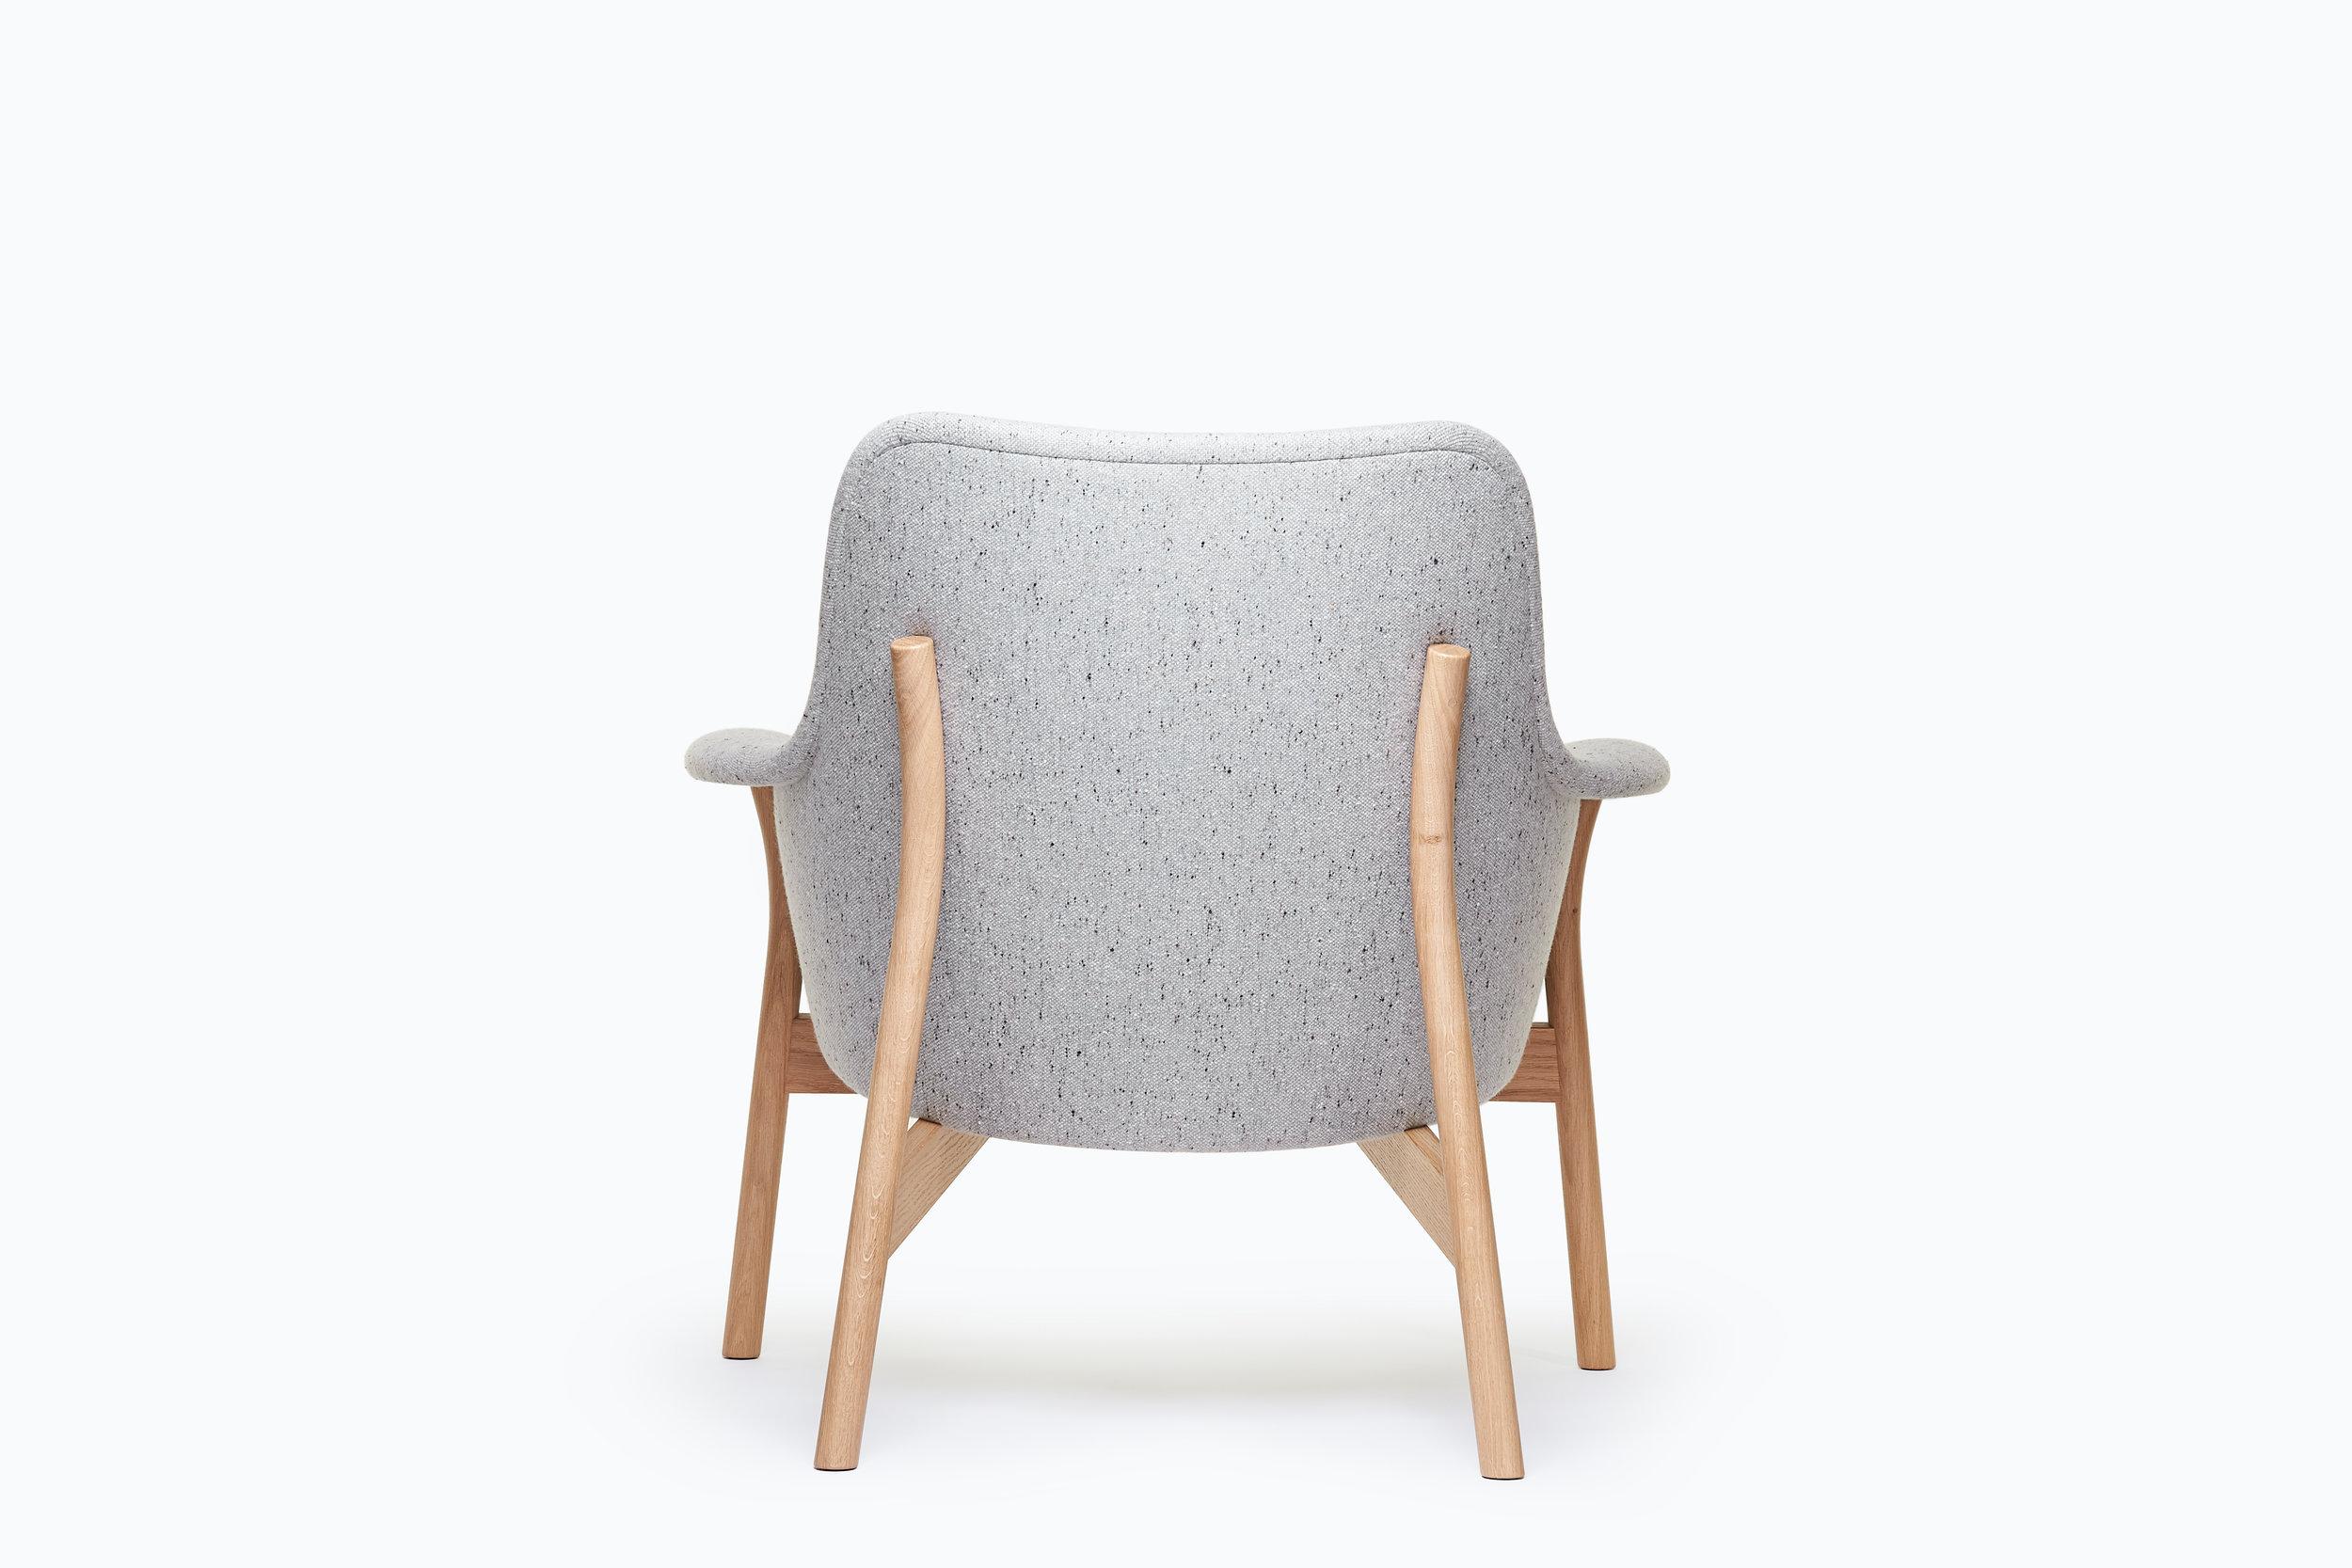 Oxbow Lounge Chair in Oak